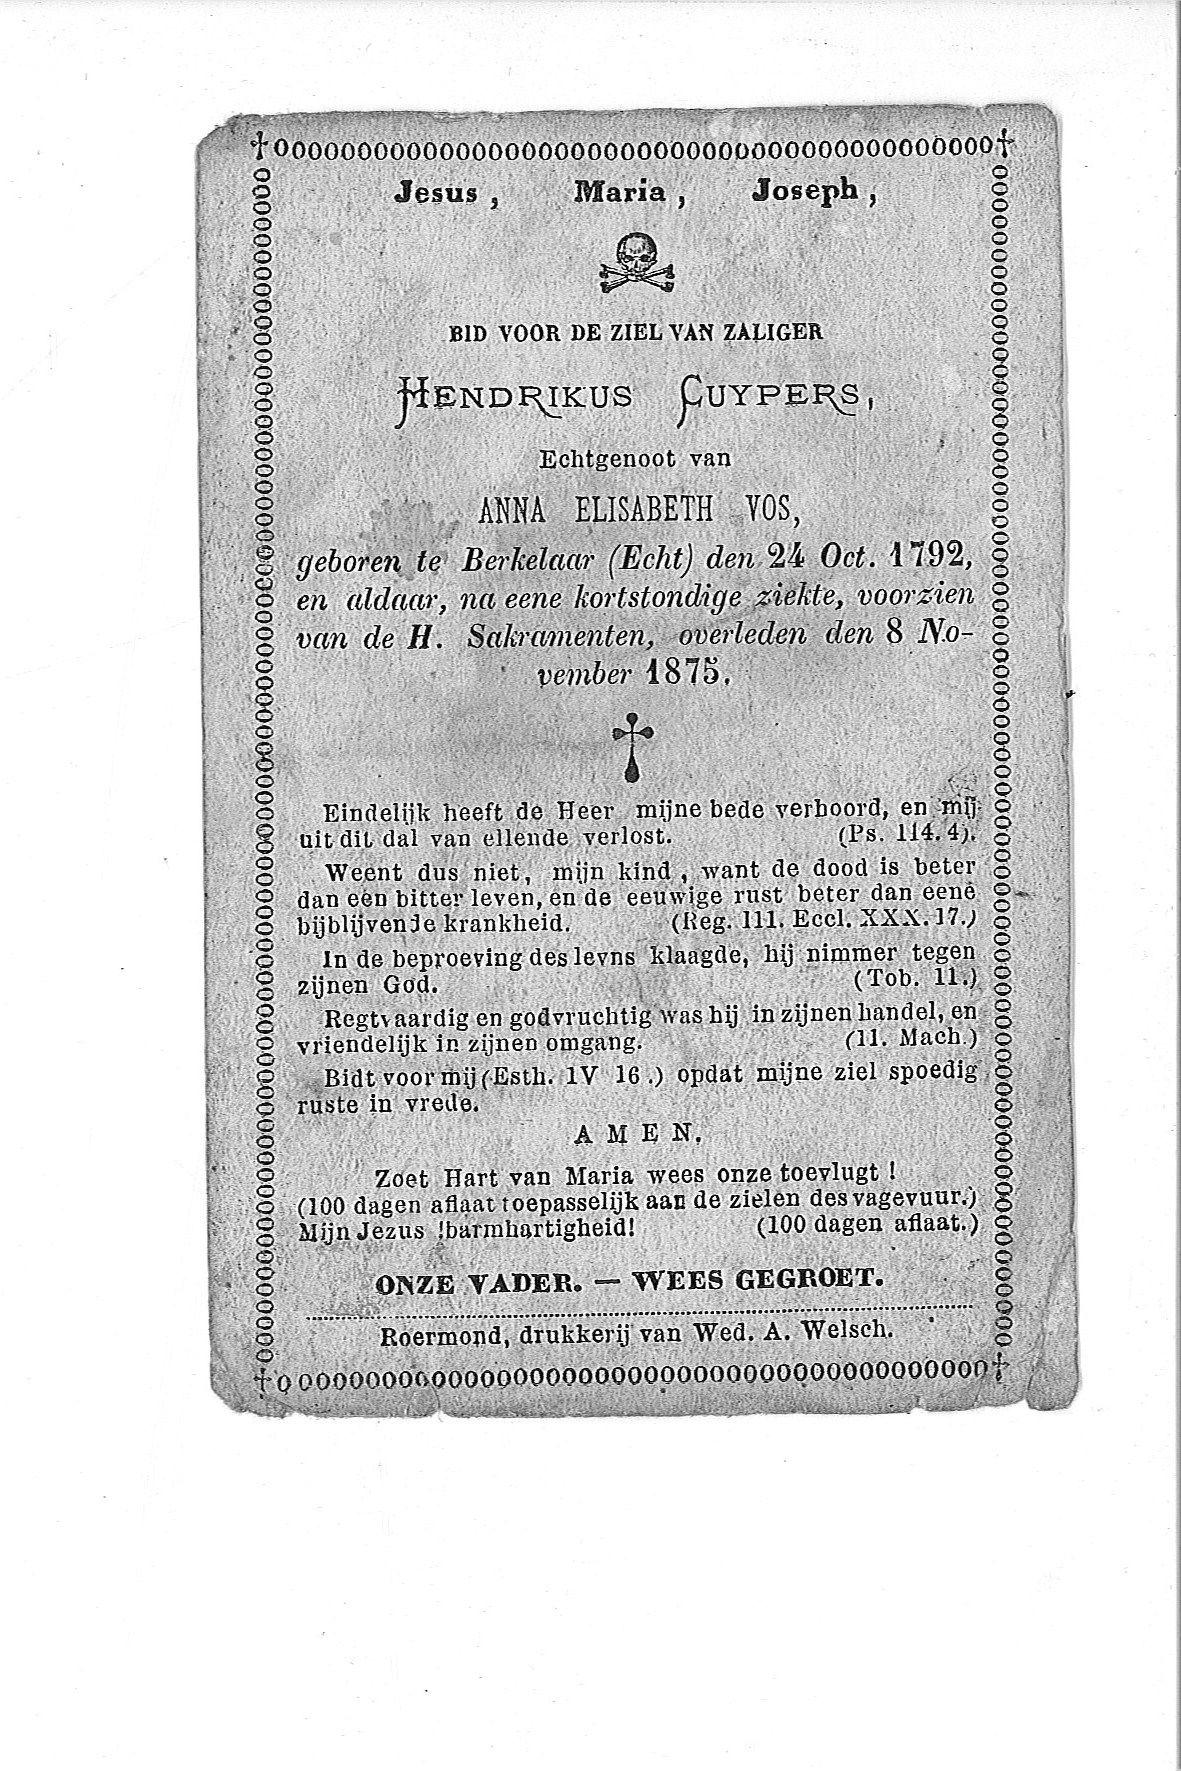 hendrikus(1875)20090323101150_00037.jpg